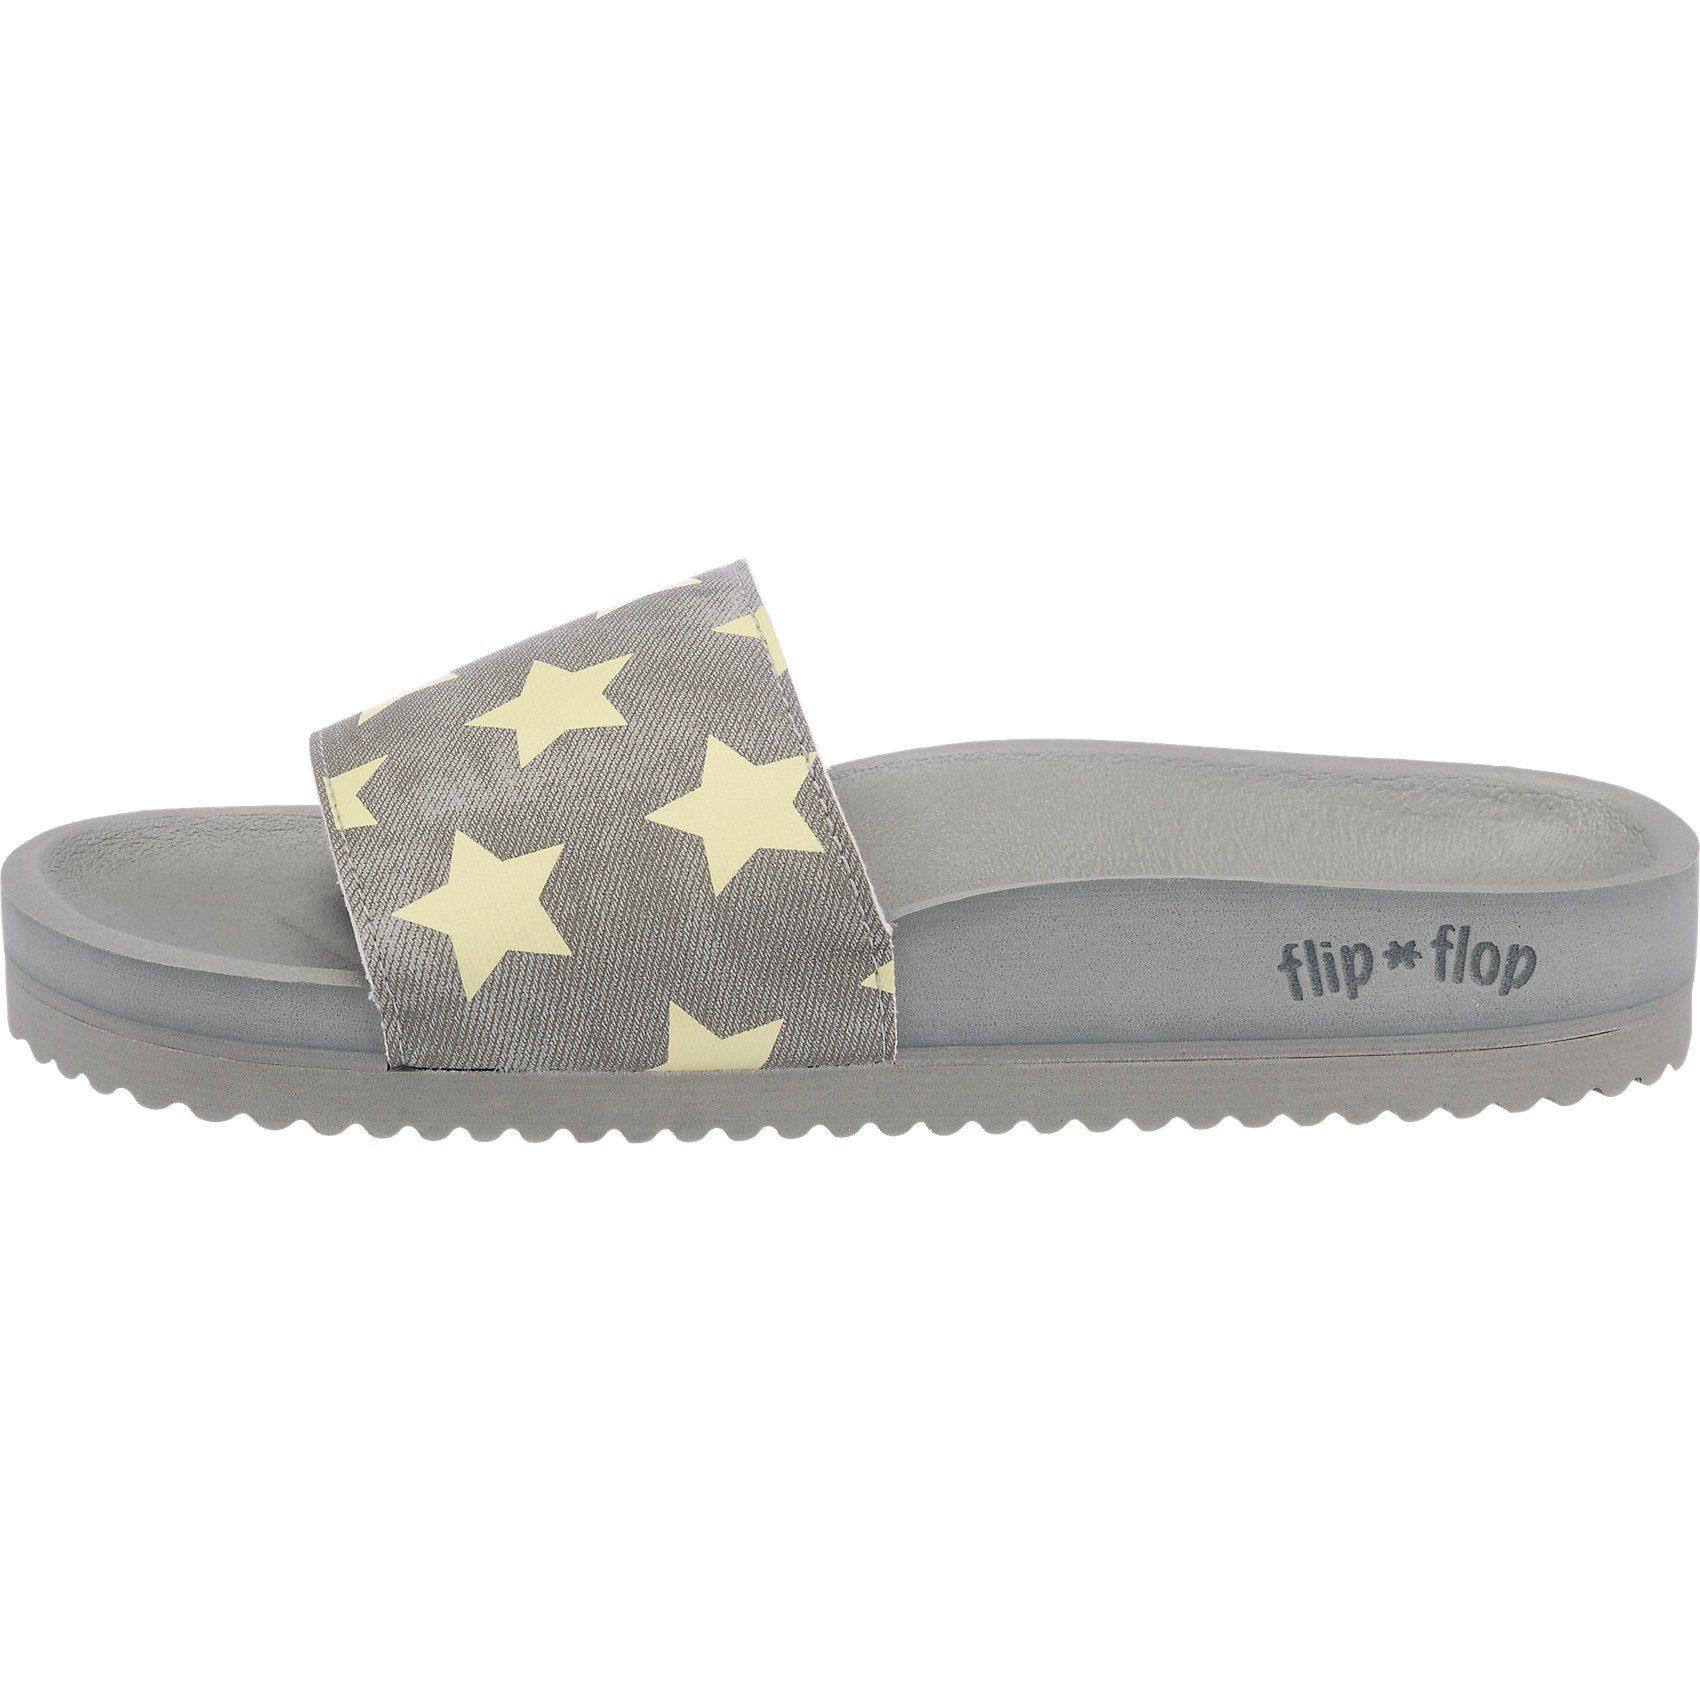 flip flop Pantoletten online kaufen  grau